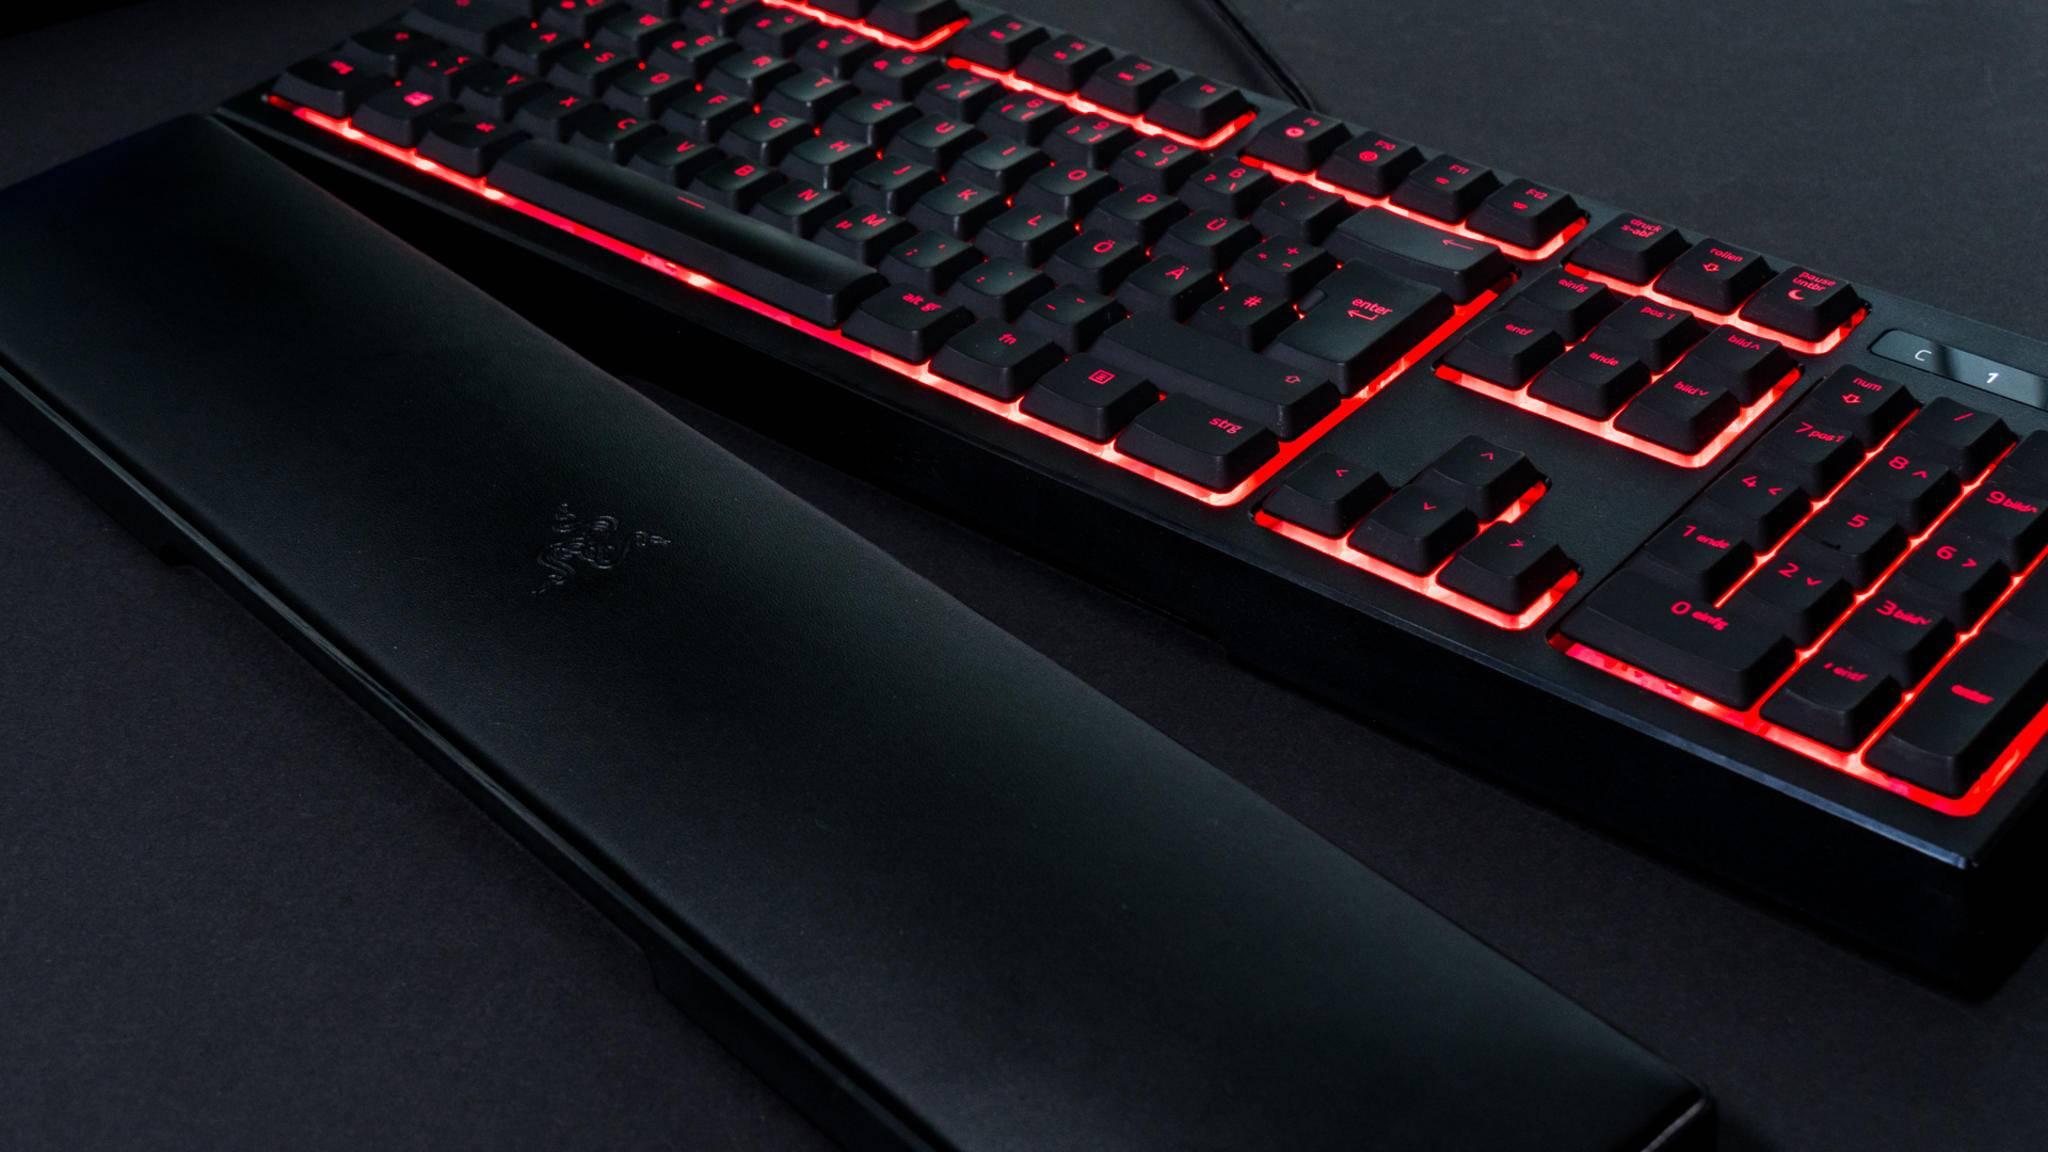 Die Razer Ornata Chroma bietet Mecha-Membran-Tasten mit RGB-Beleuchtung.